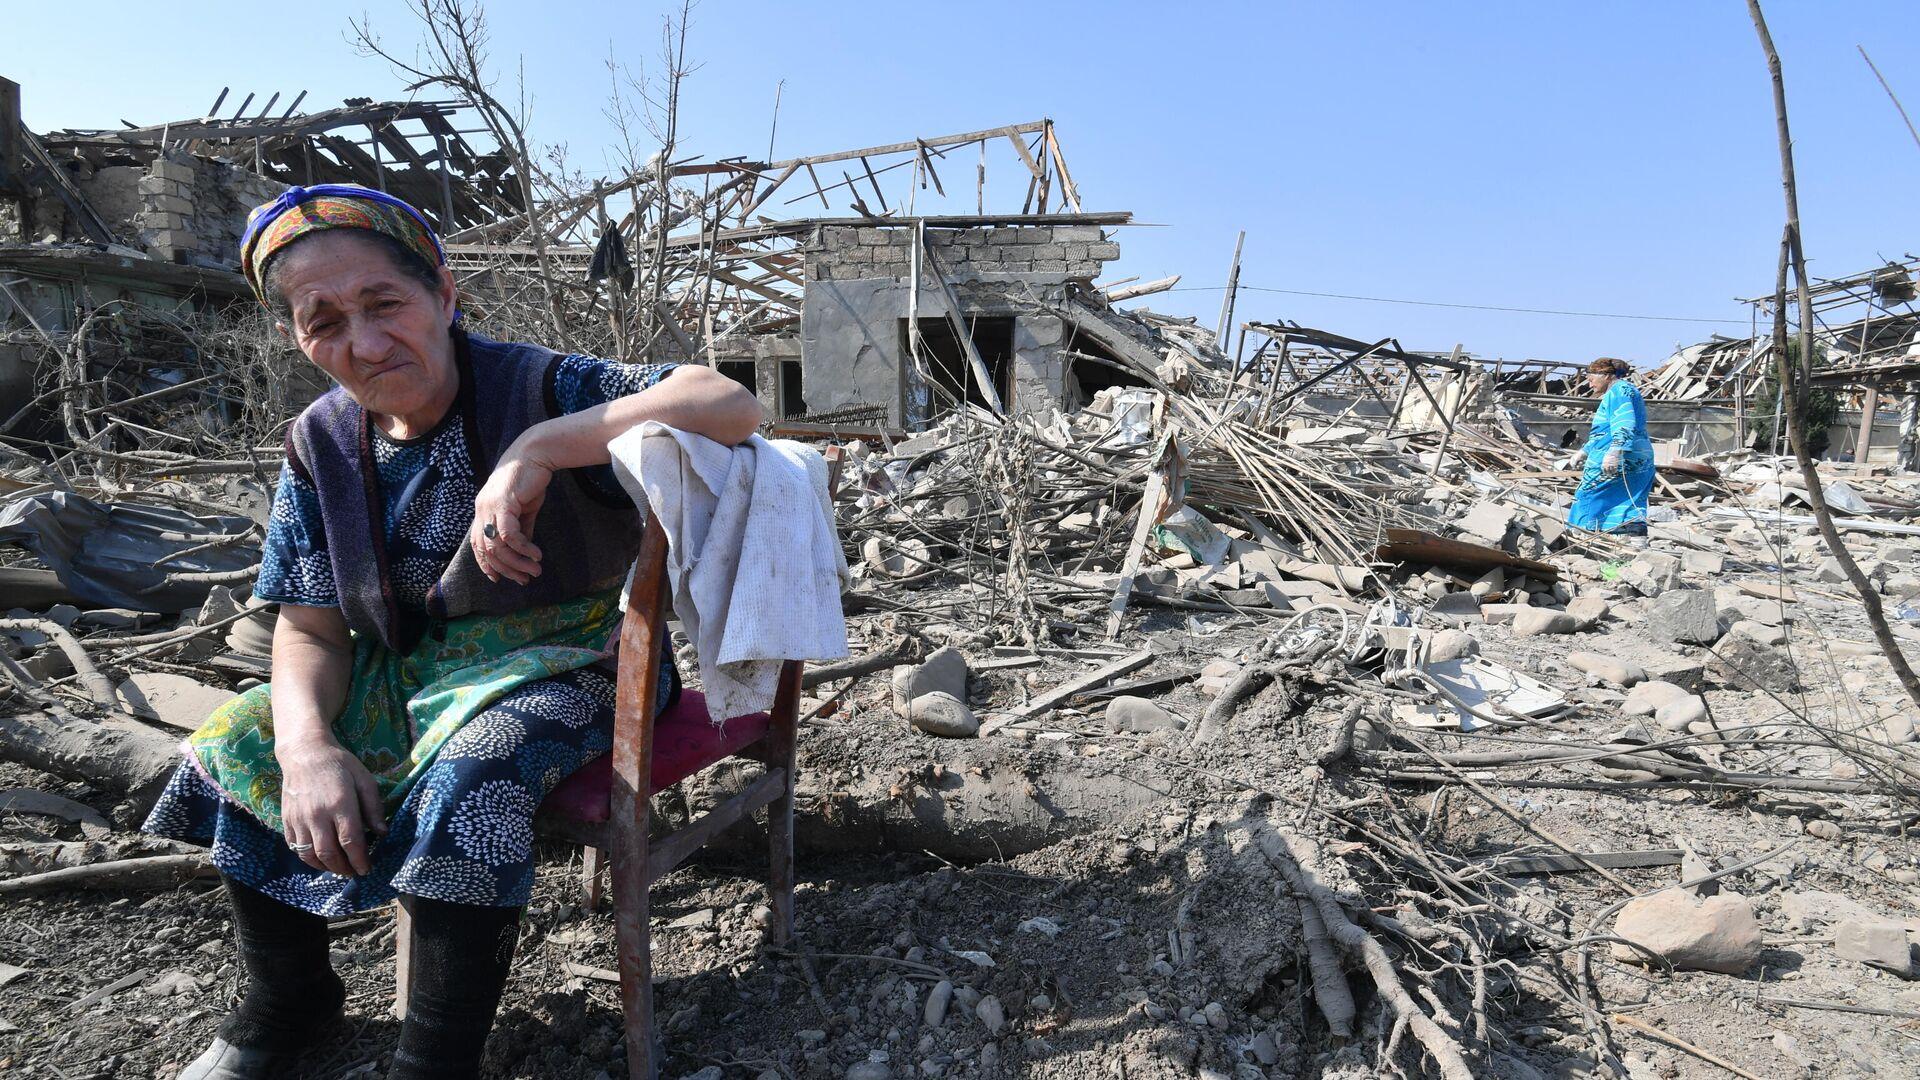 Жители Гянджи у разрушенных после обстрела домов - РИА Новости, 1920, 20.10.2020